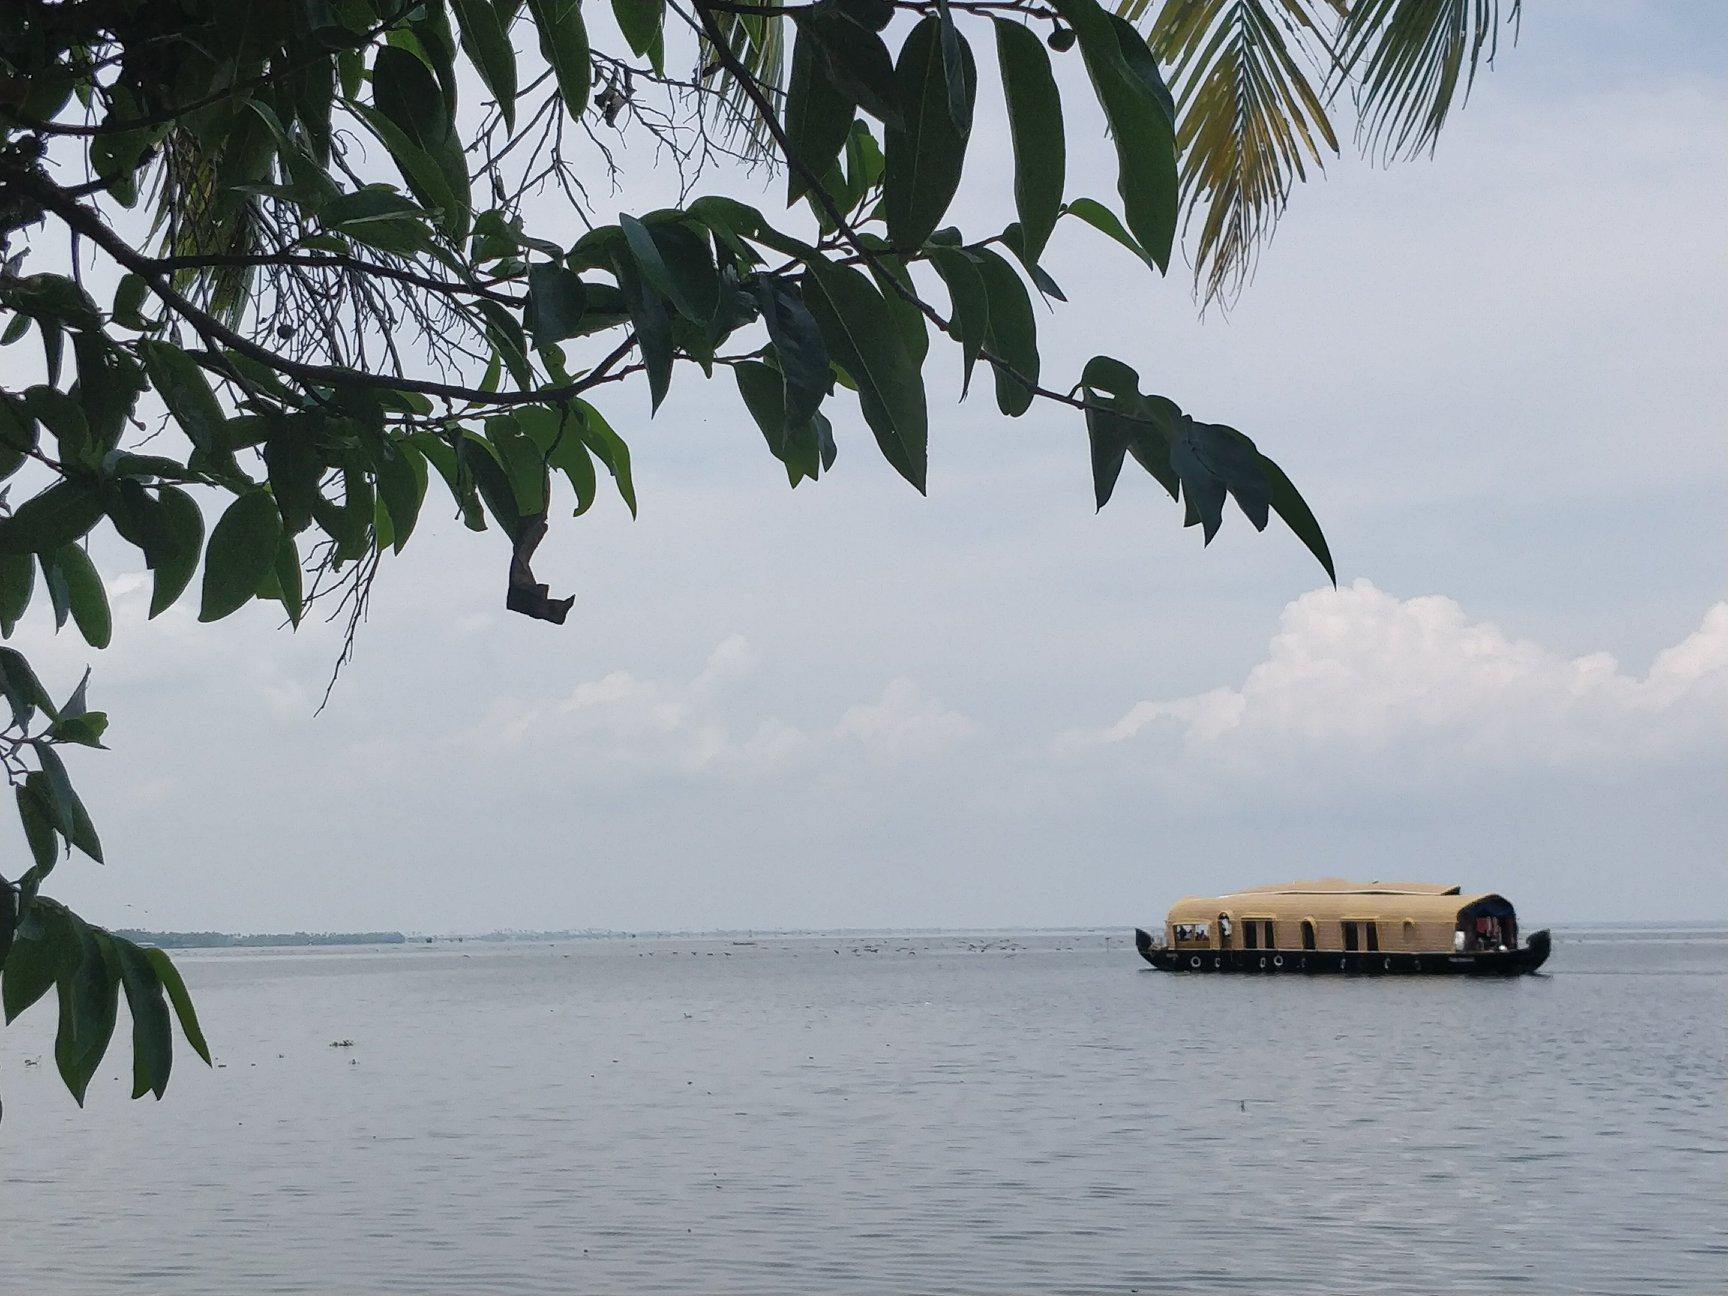 le classiche case galleggianti lungo le backwaters del Kerala